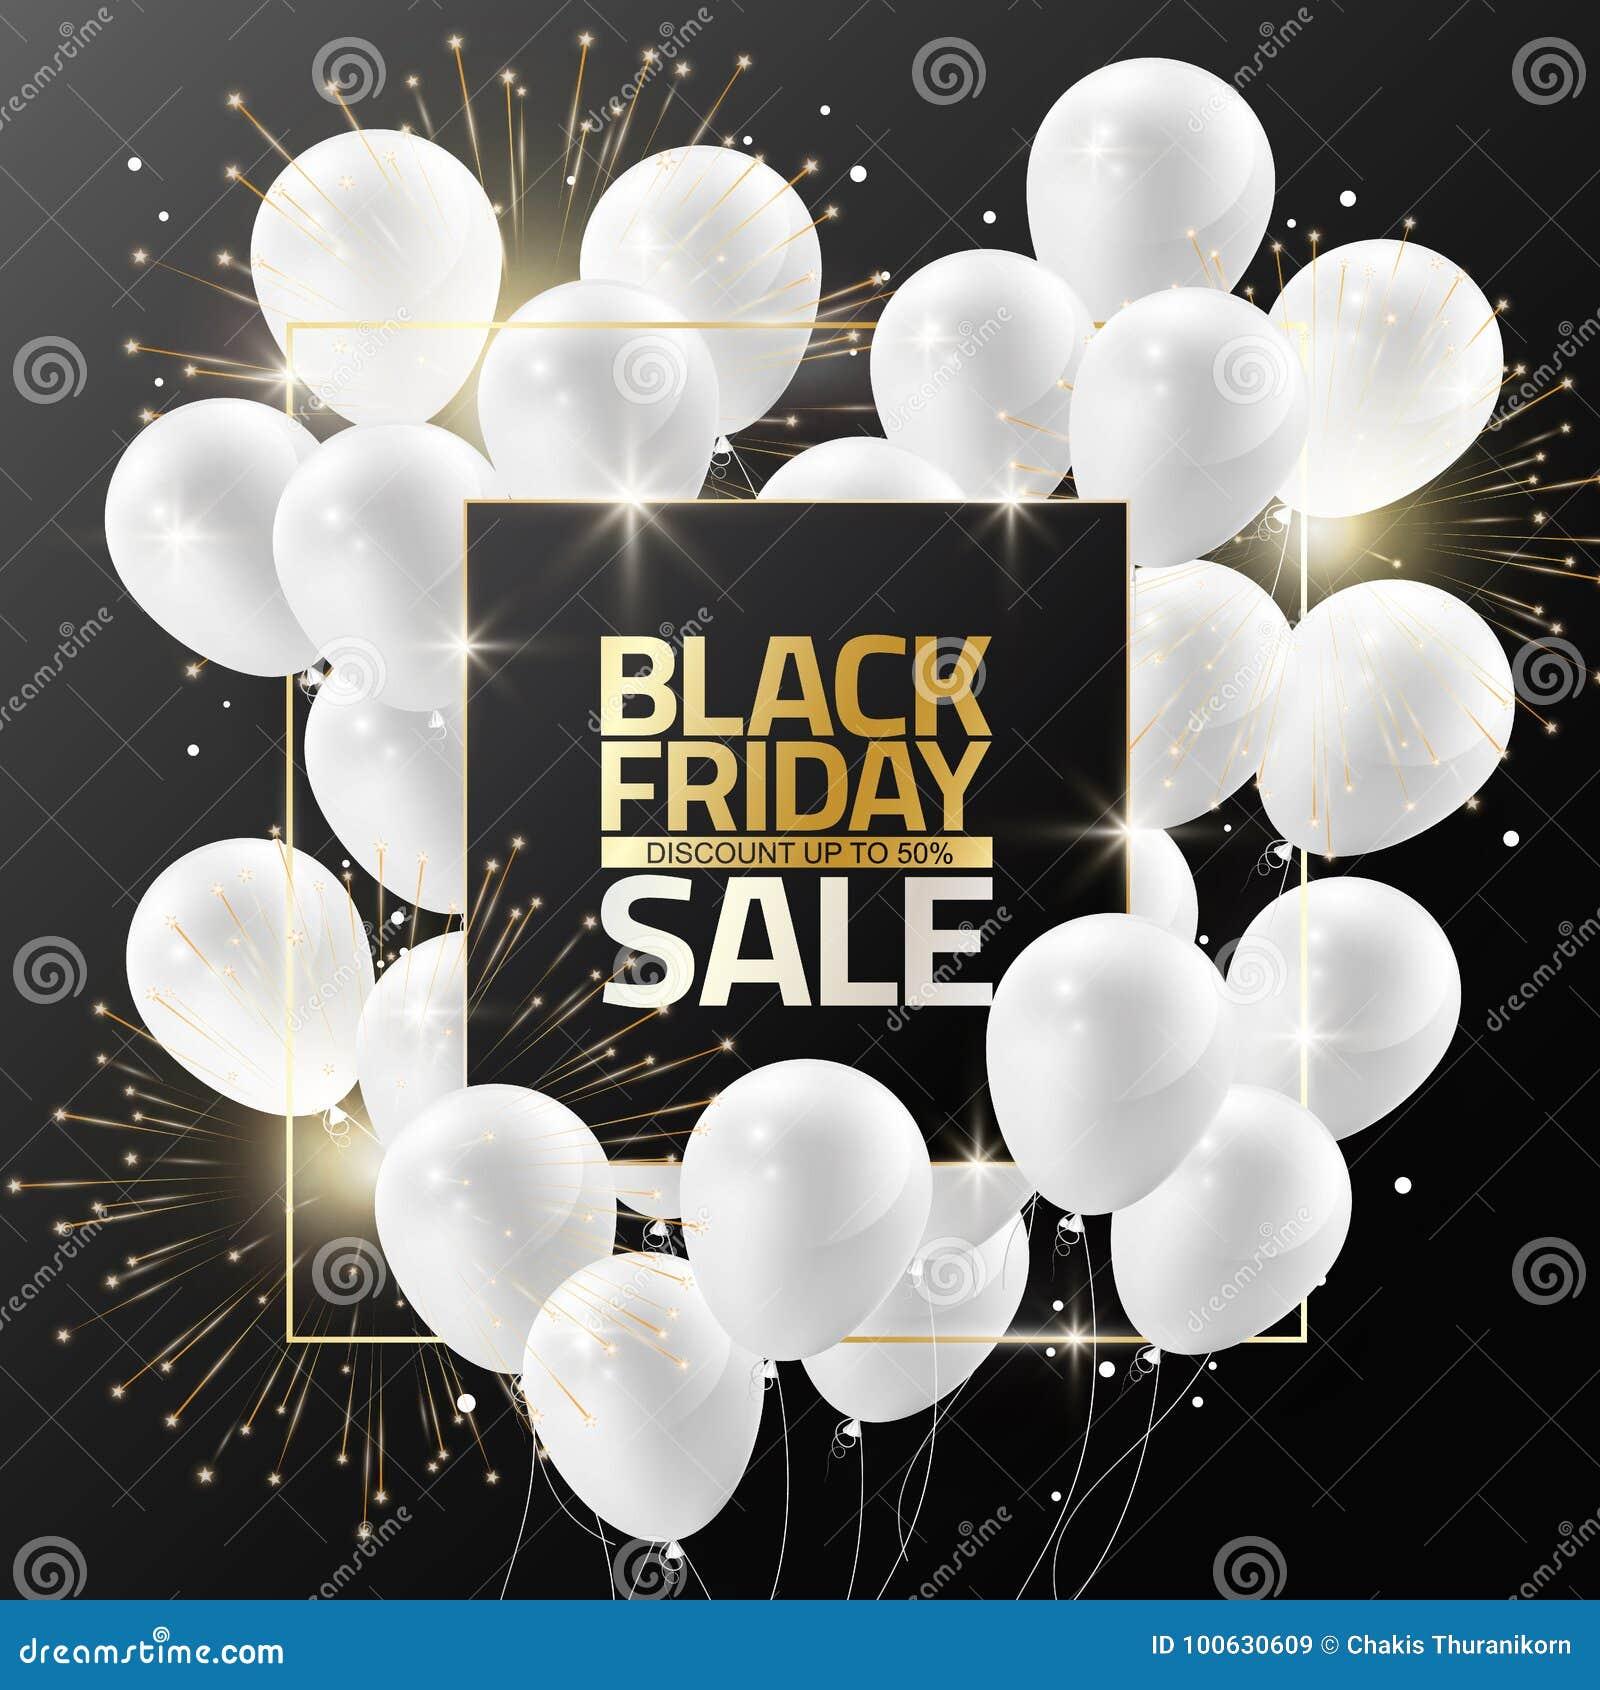 Black Friday-Verkauf auf schwarzem Rahmen mit weißen Ballonen und Feuerwerk für Designschablonenfahne, Vektorillustration